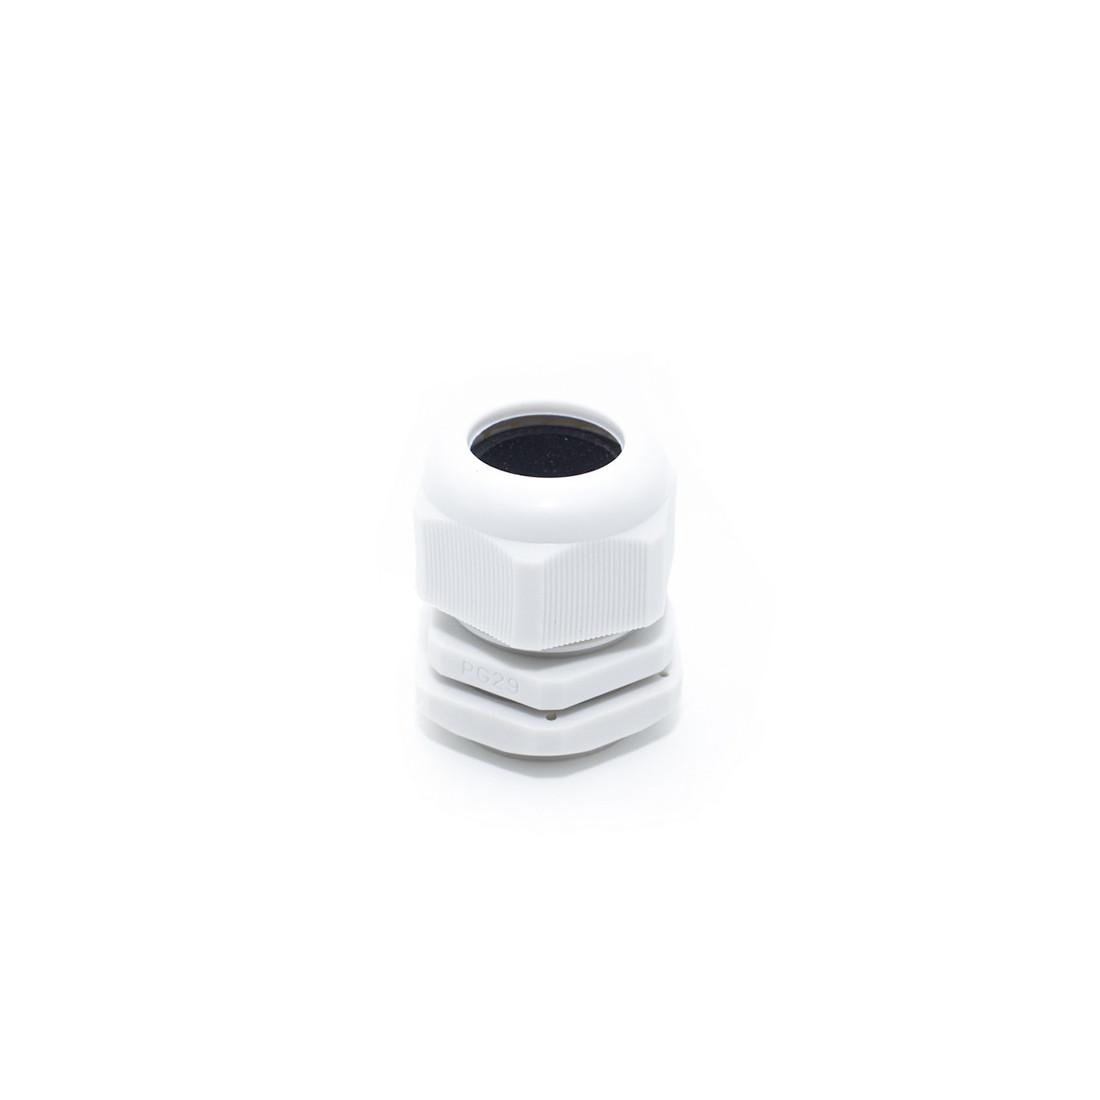 Фитинг, Deluxe, PG 29 (18~25 мм), IP54